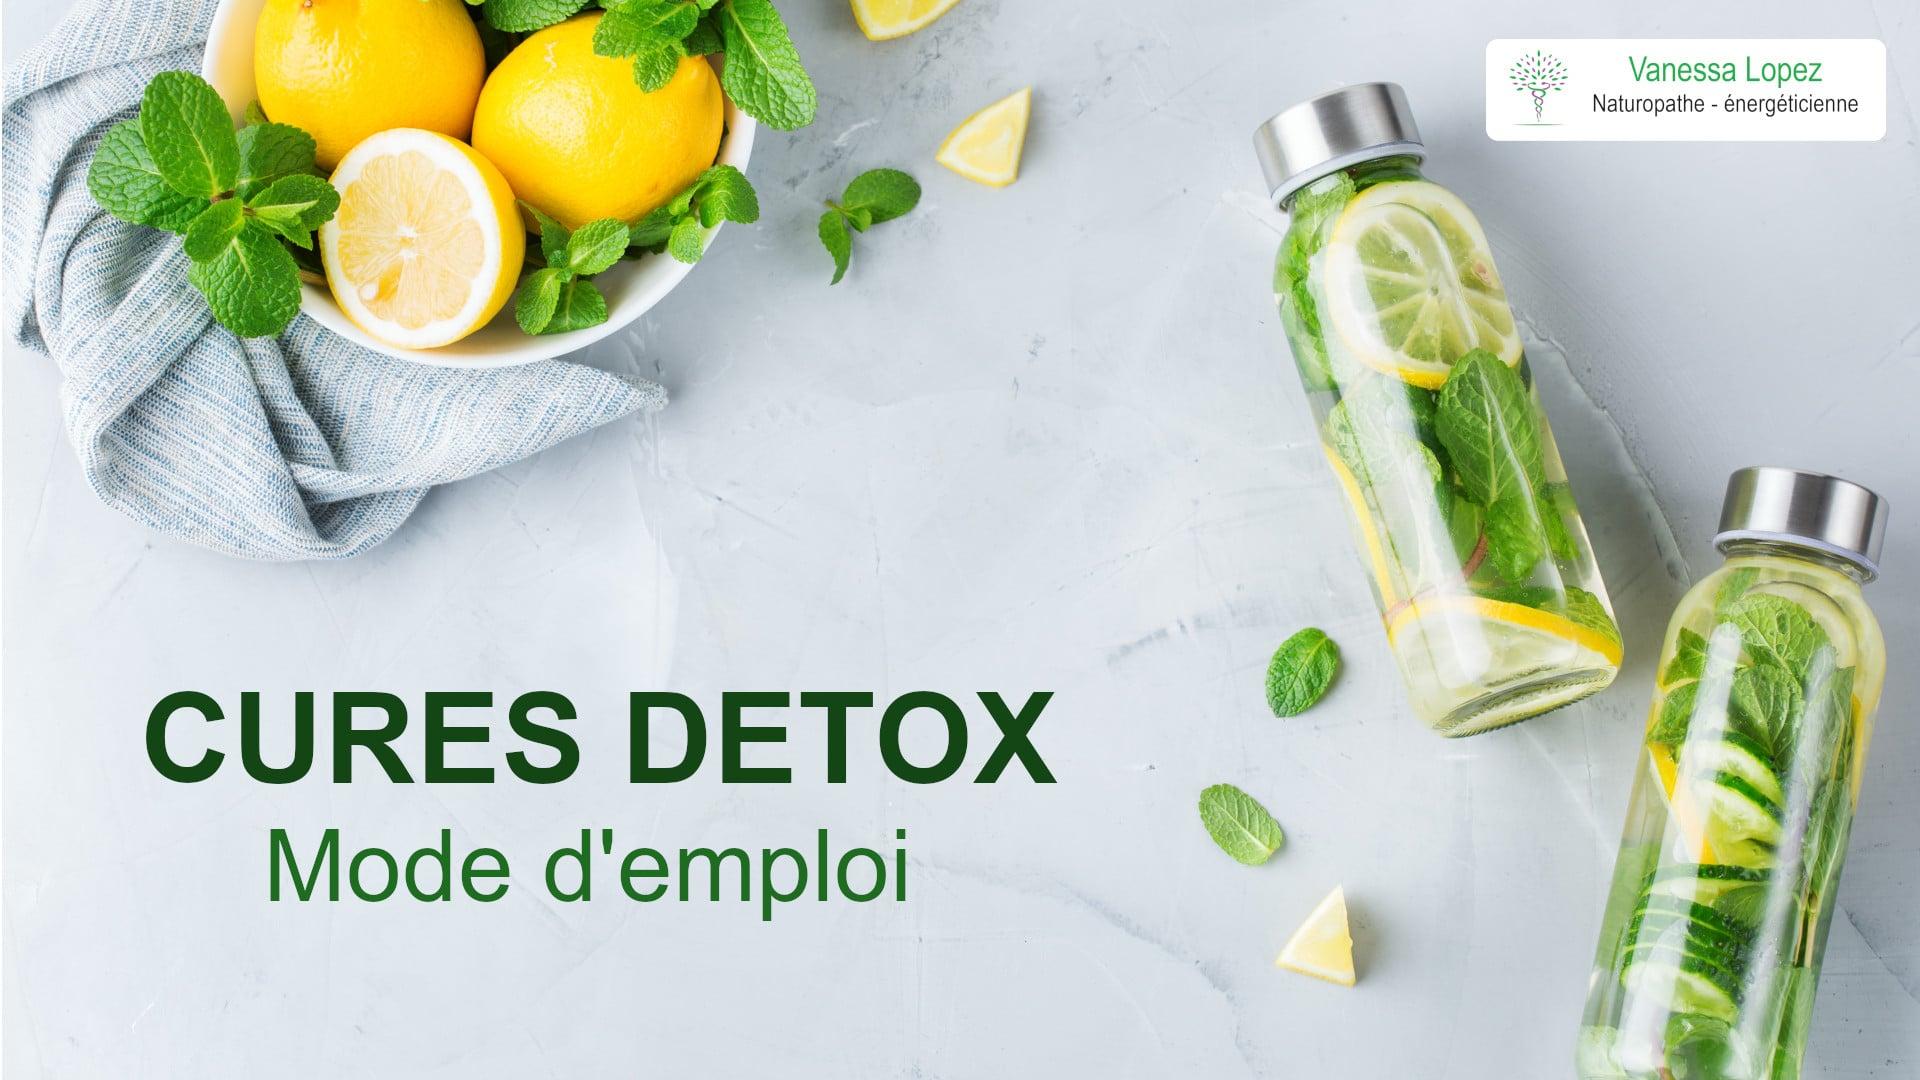 vanessa-lopez-blog-naturopathie-cure-detox-mode-demploi-conseils